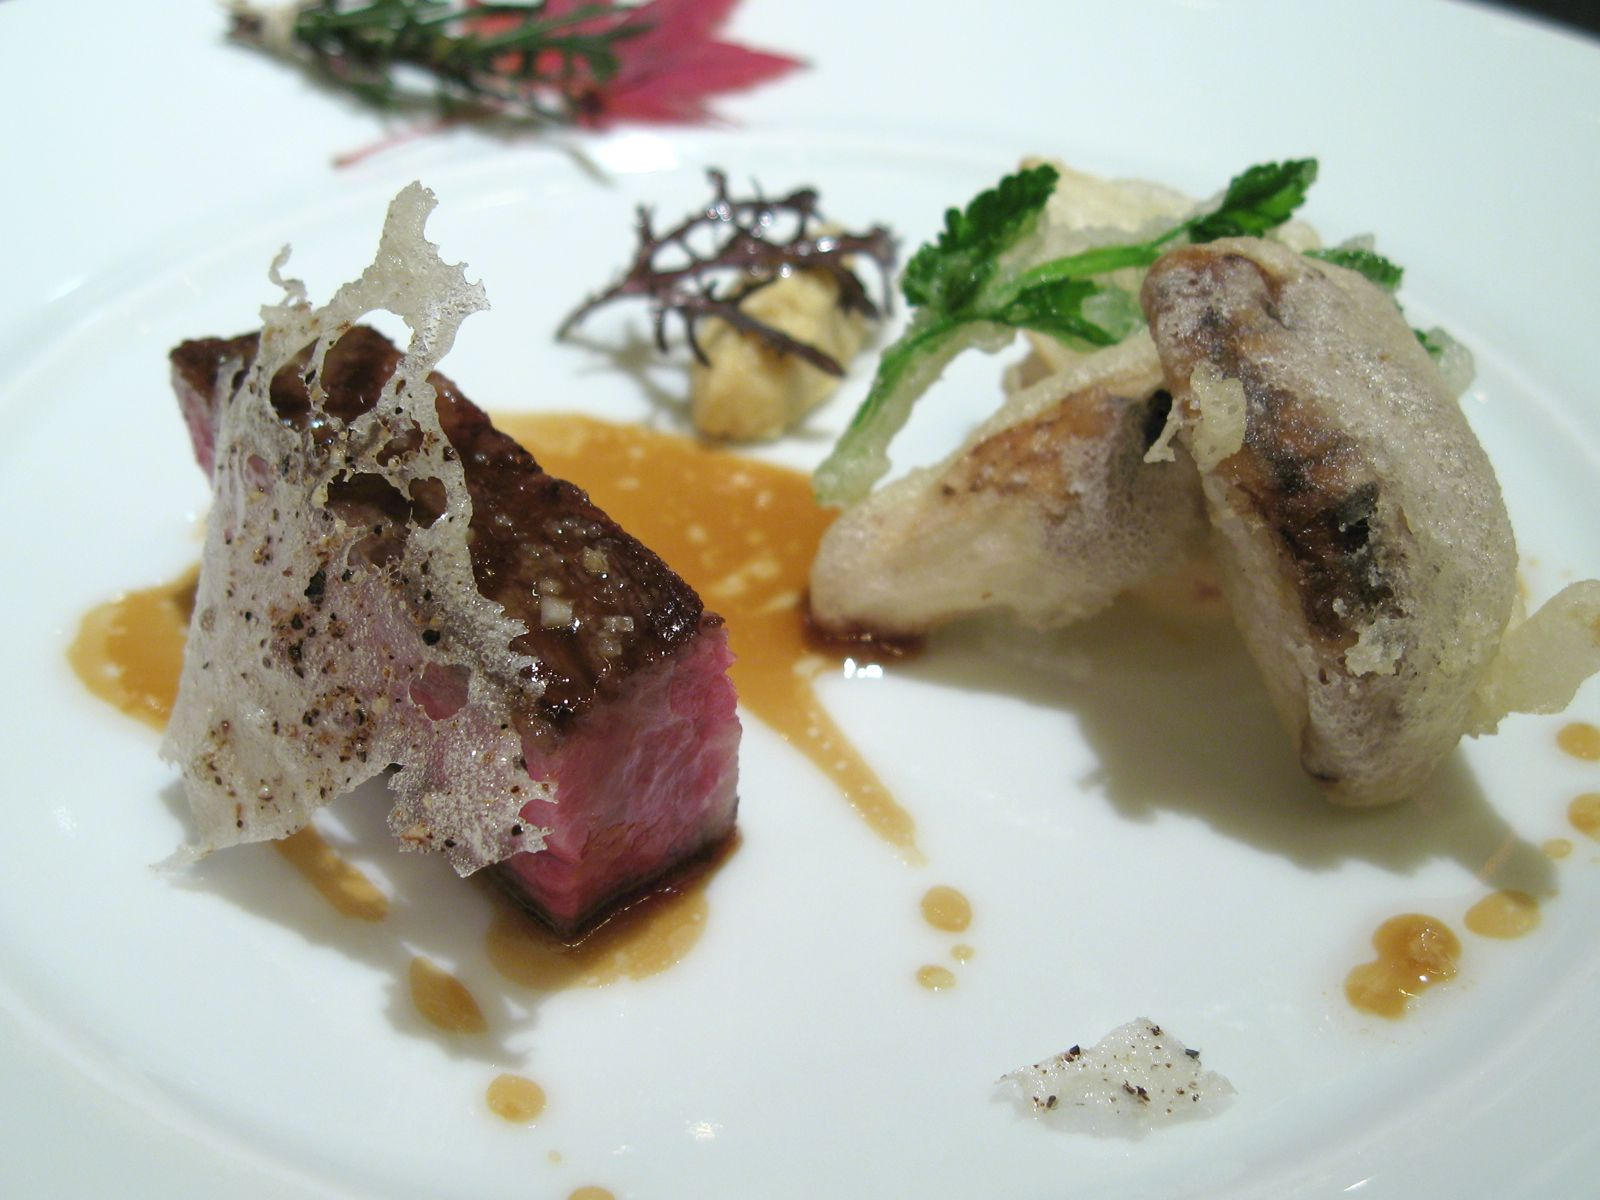 Le Boeuf grillé, cristalline au poivre, matsutaké en tempura et raifort à la moutarde